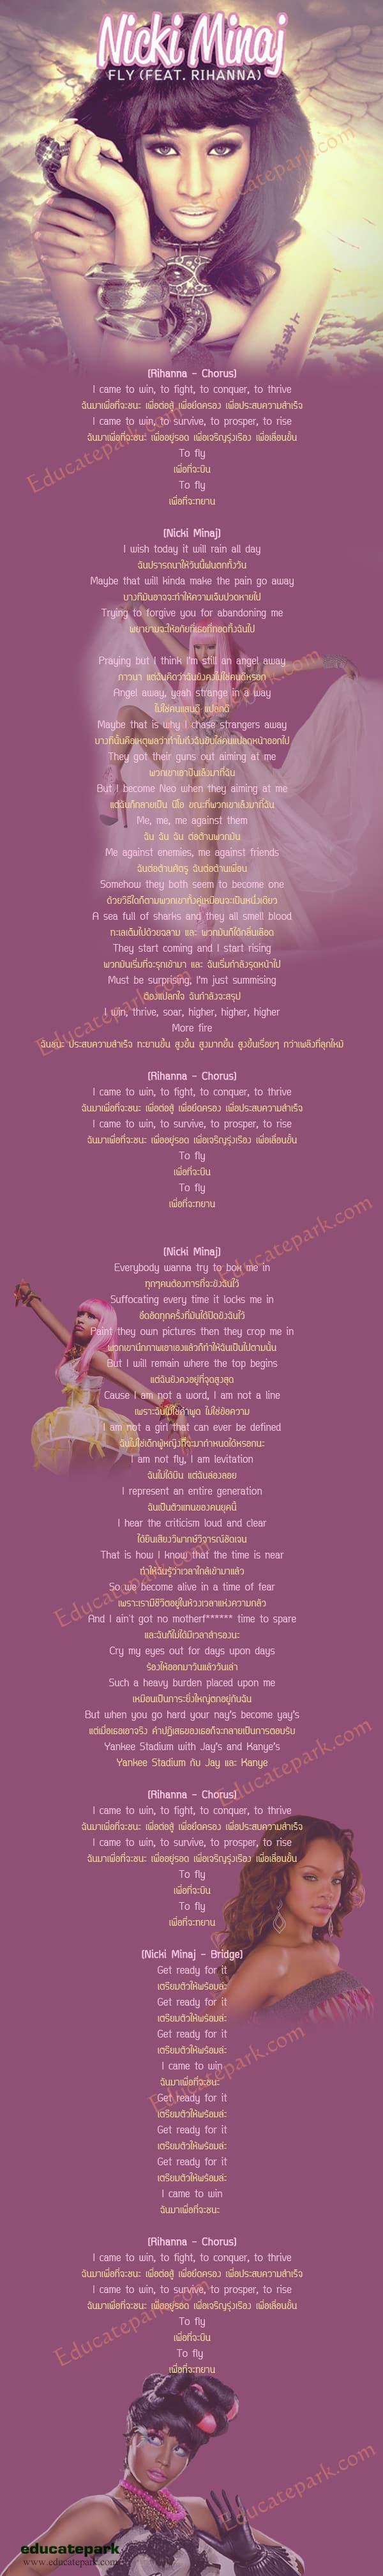 แปลเพลง Fly - Nicki Minaj ft. Rihanna